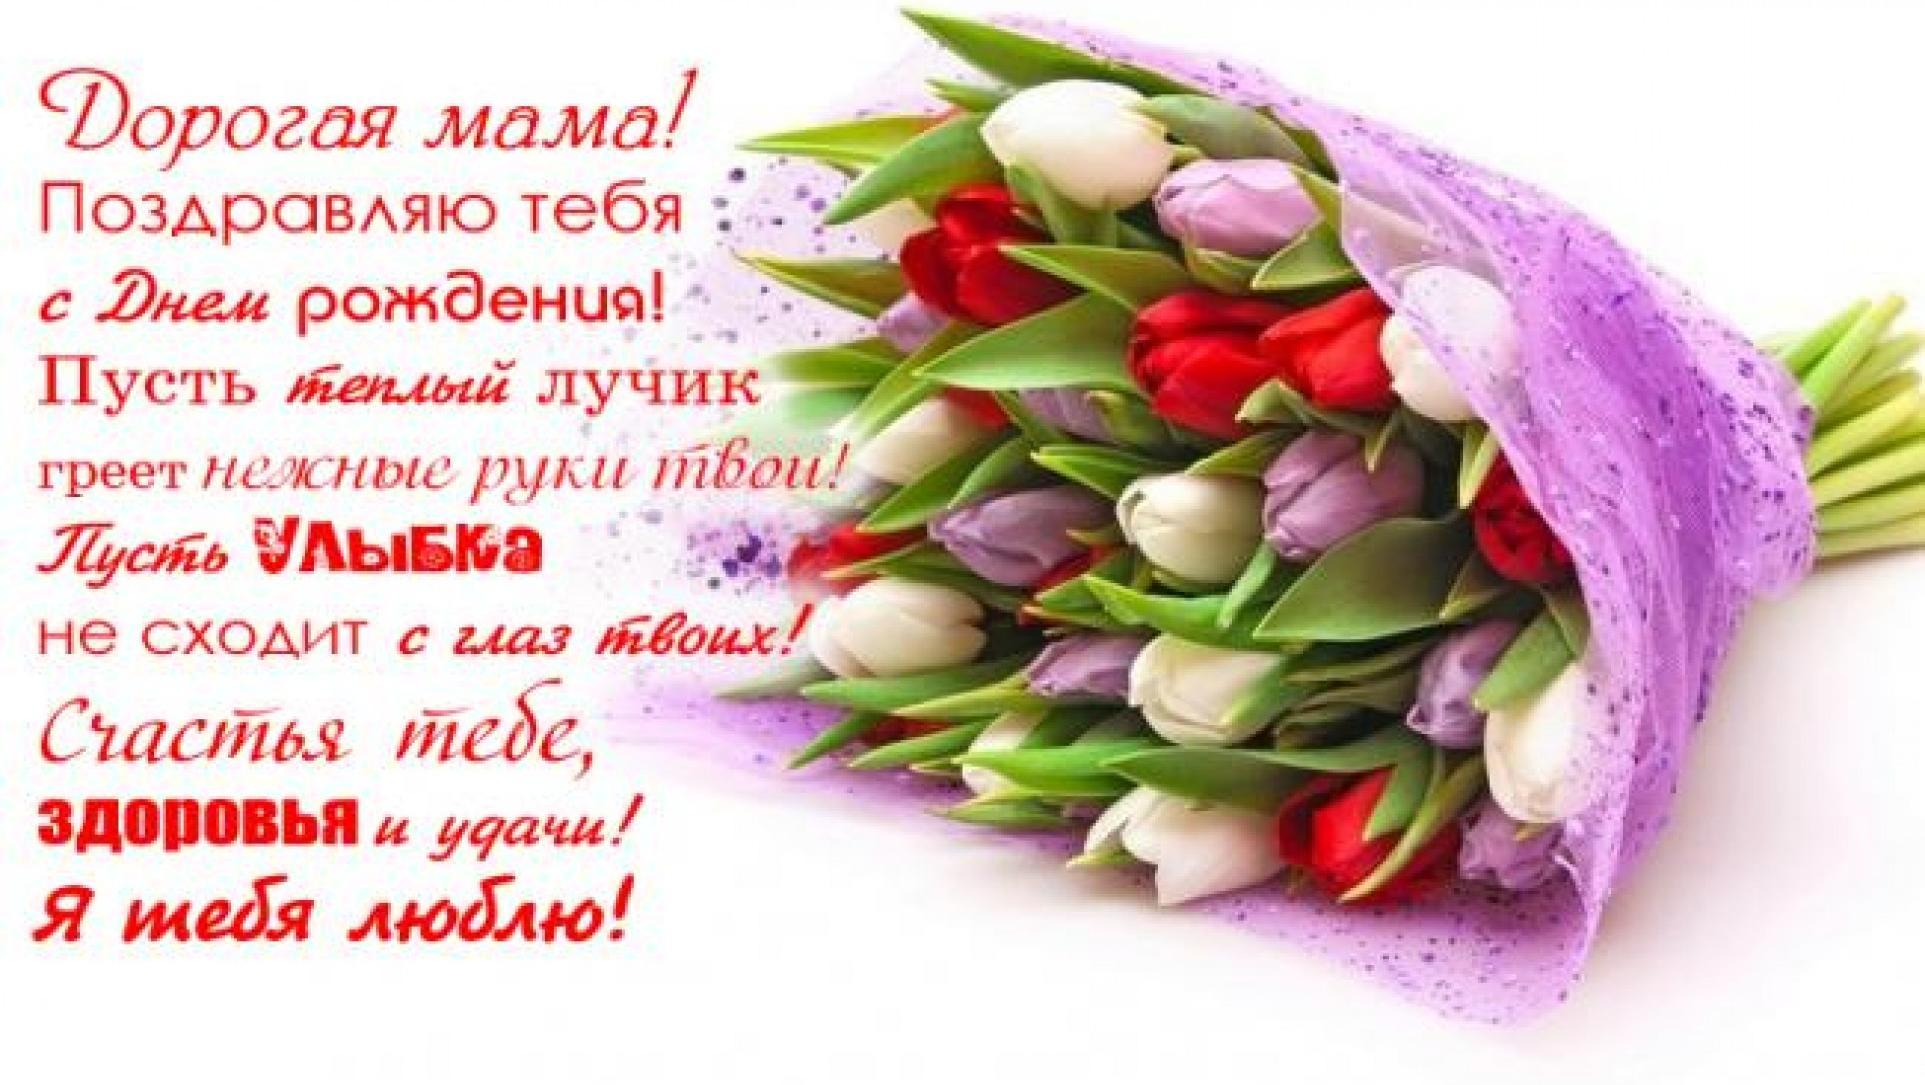 Поздравление маме с юбилеем 45 лет от дочери, сына 26